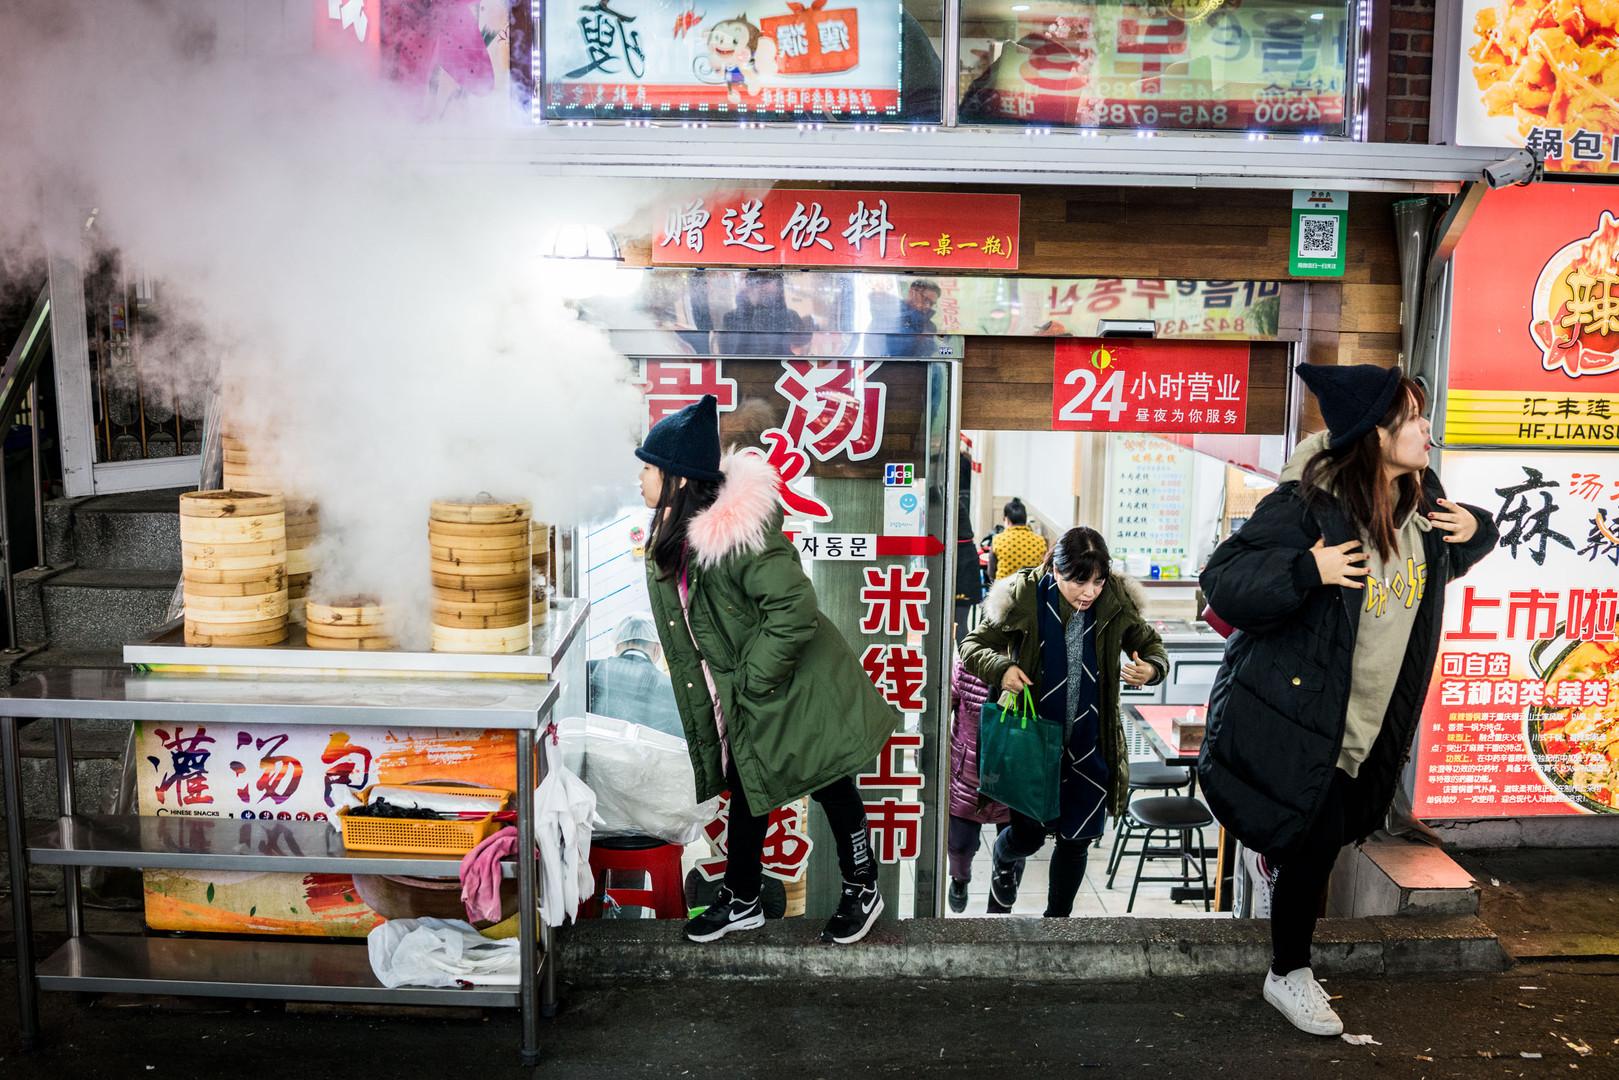 Korea's China Town